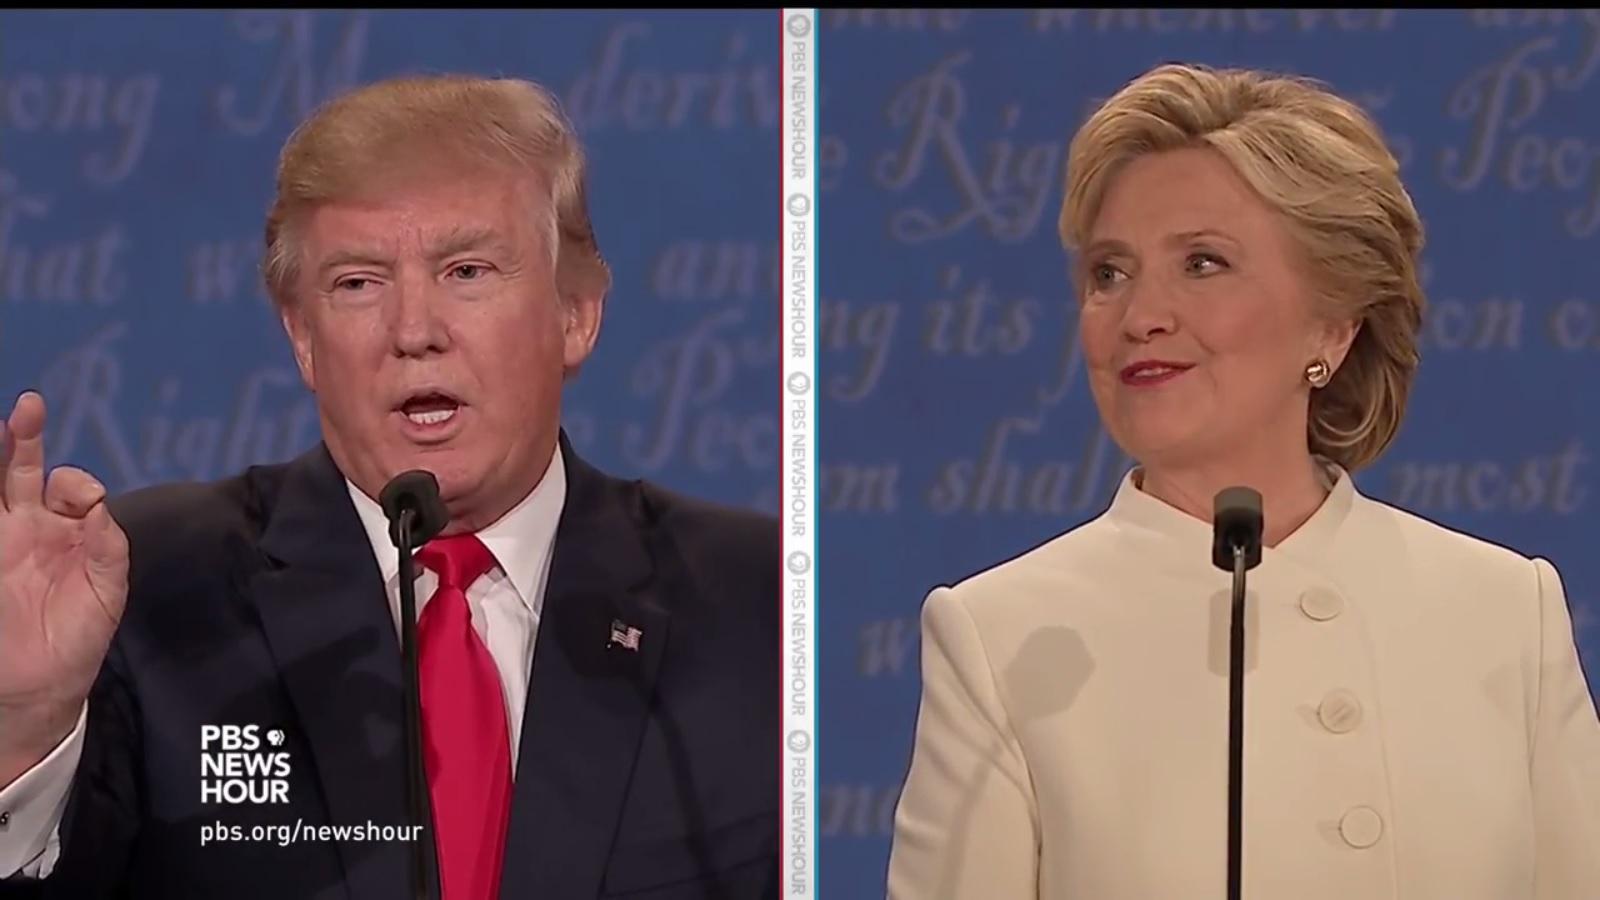 Clinton: Trump là người nguy hiểm nhất thế giới hiện đại - 5